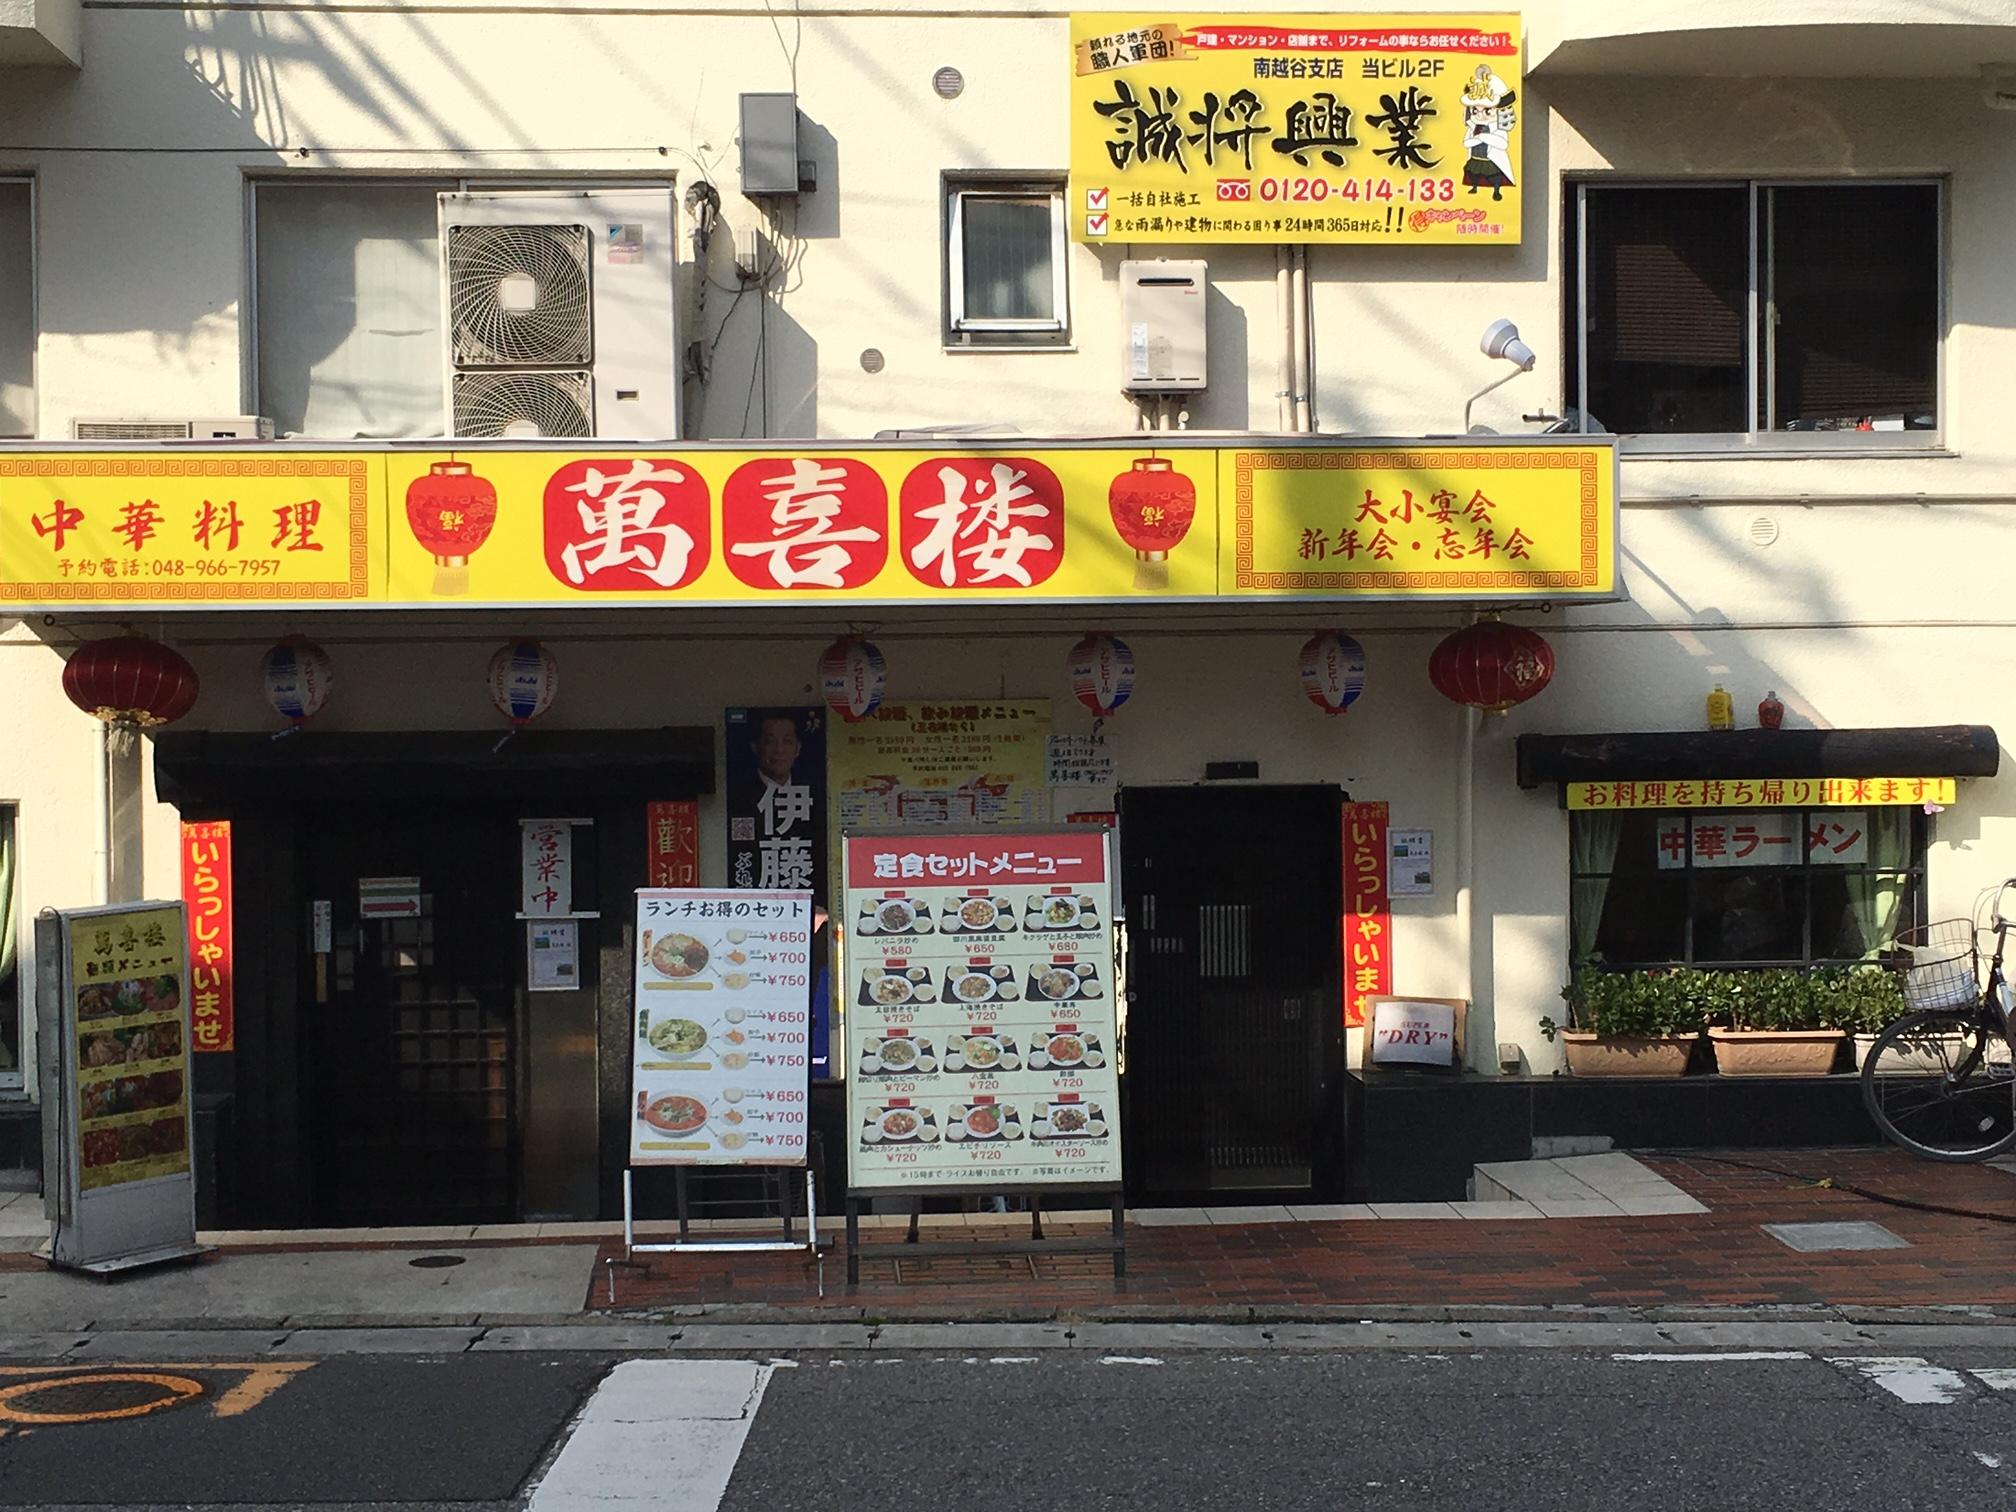 萬喜楼 (埼玉県越谷市、中華料理)